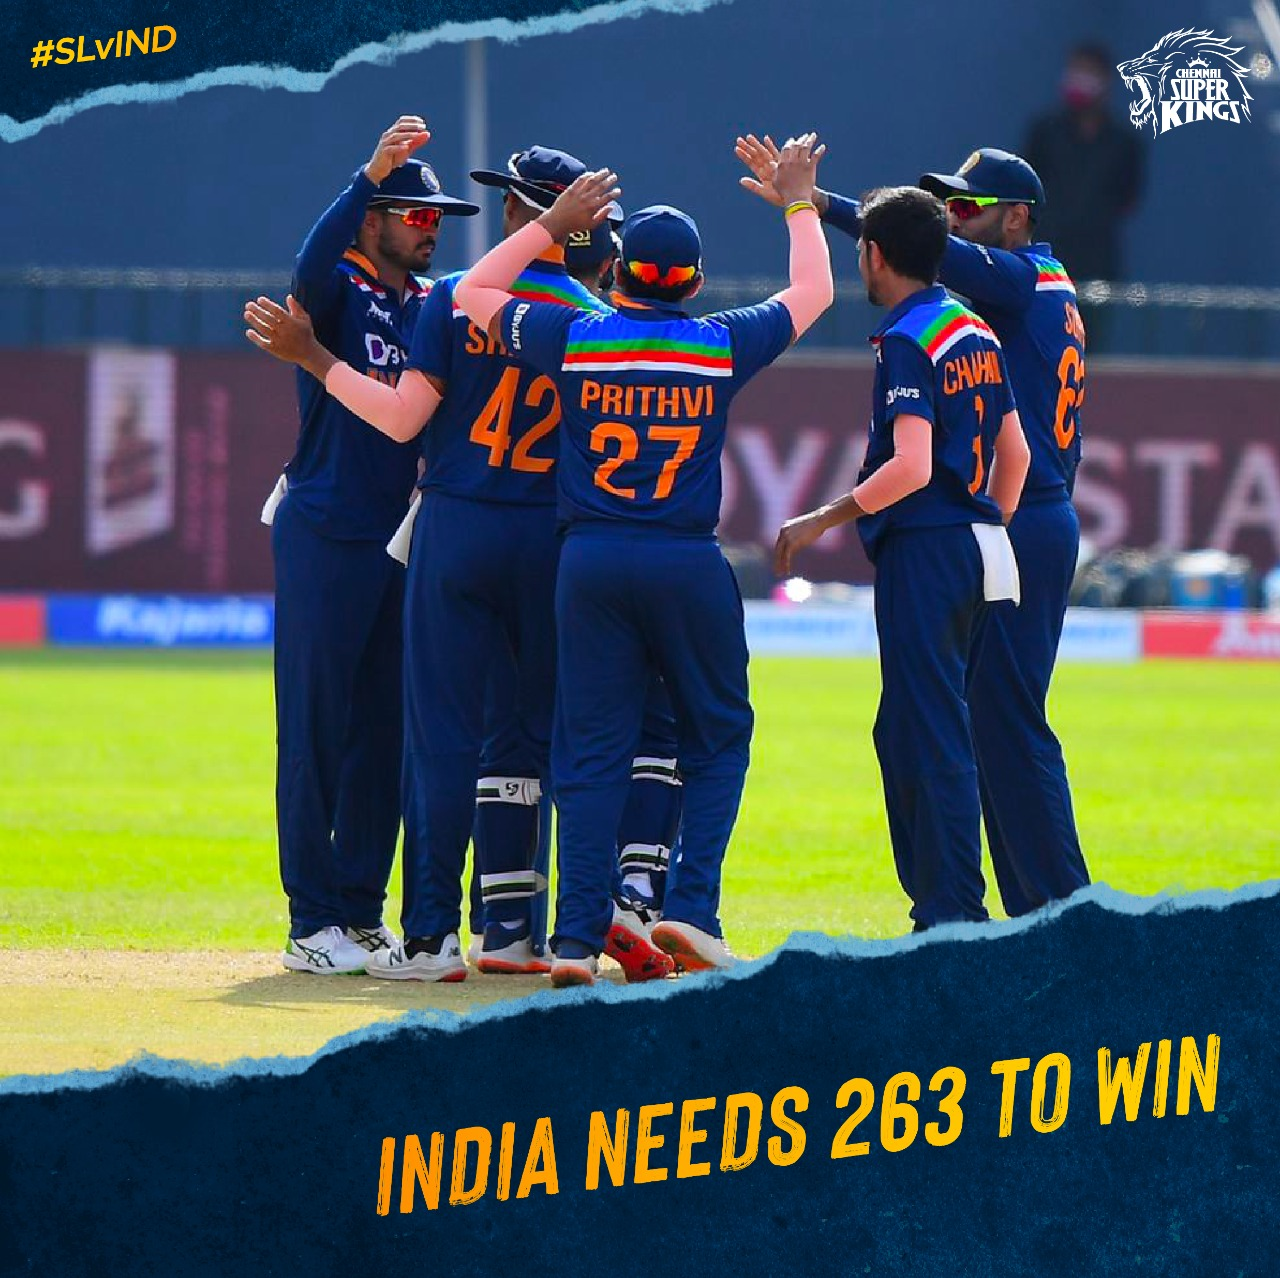 IND vs SL ODI: श्रीलंका ने भारत को जीत के लिए 263 रनों का लक्ष्य दिया